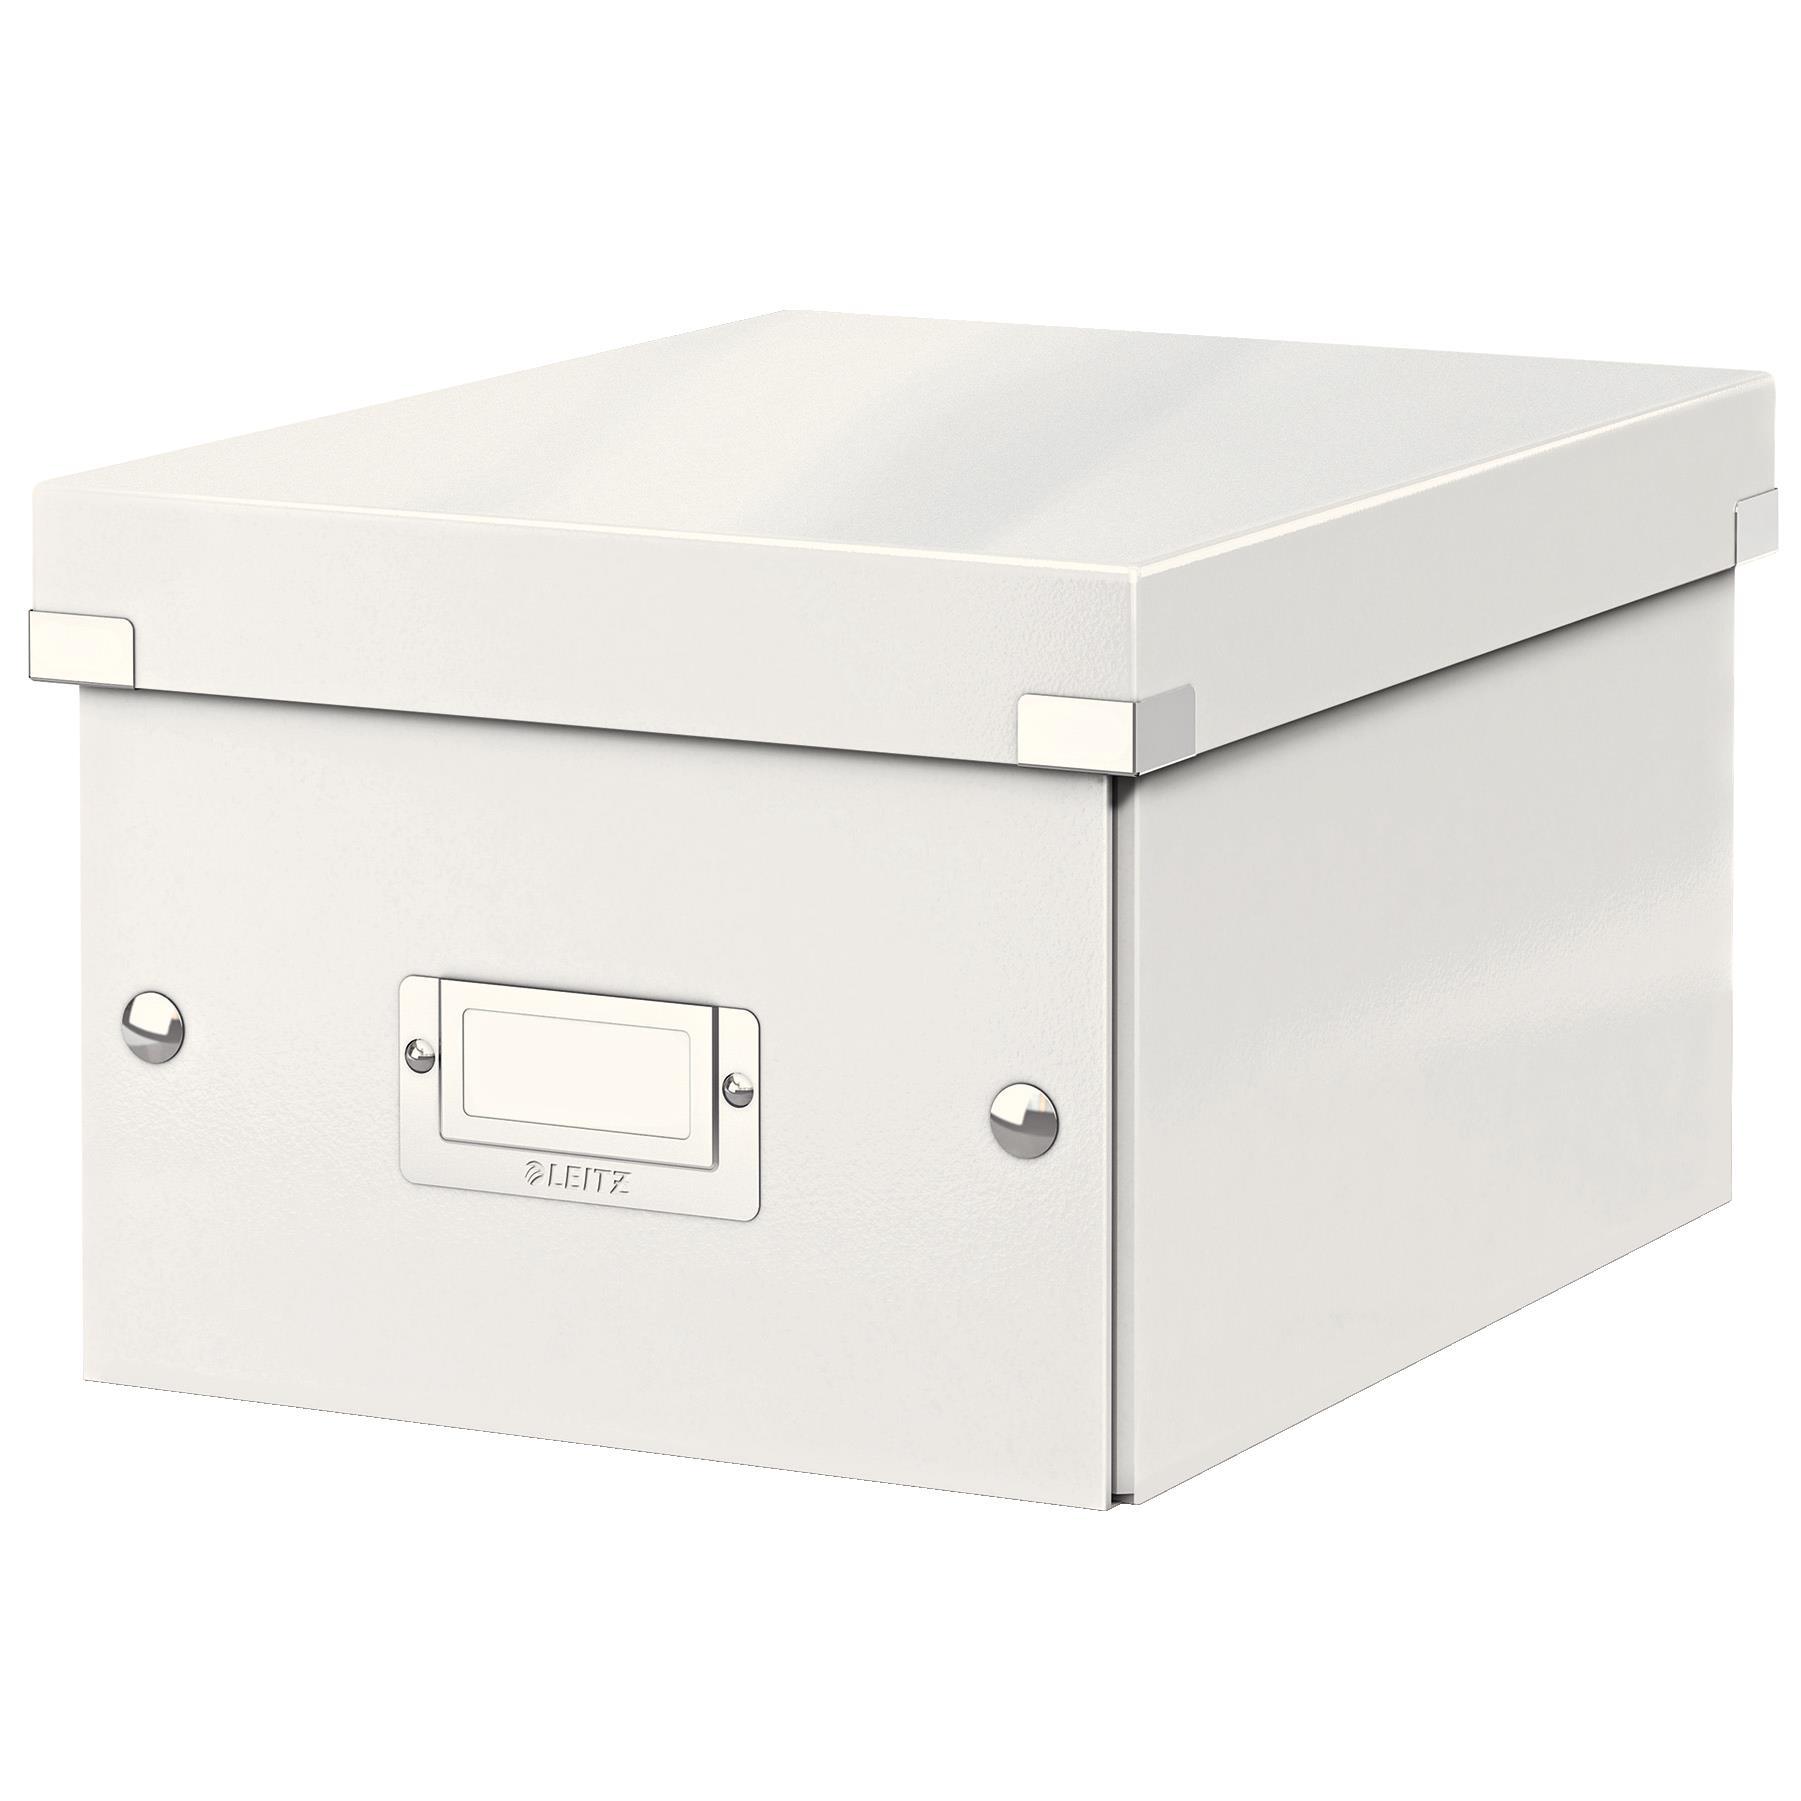 cc626e1be Krabice Leitz Click & Store - S malá / bílá | kancelářské potřeby ...